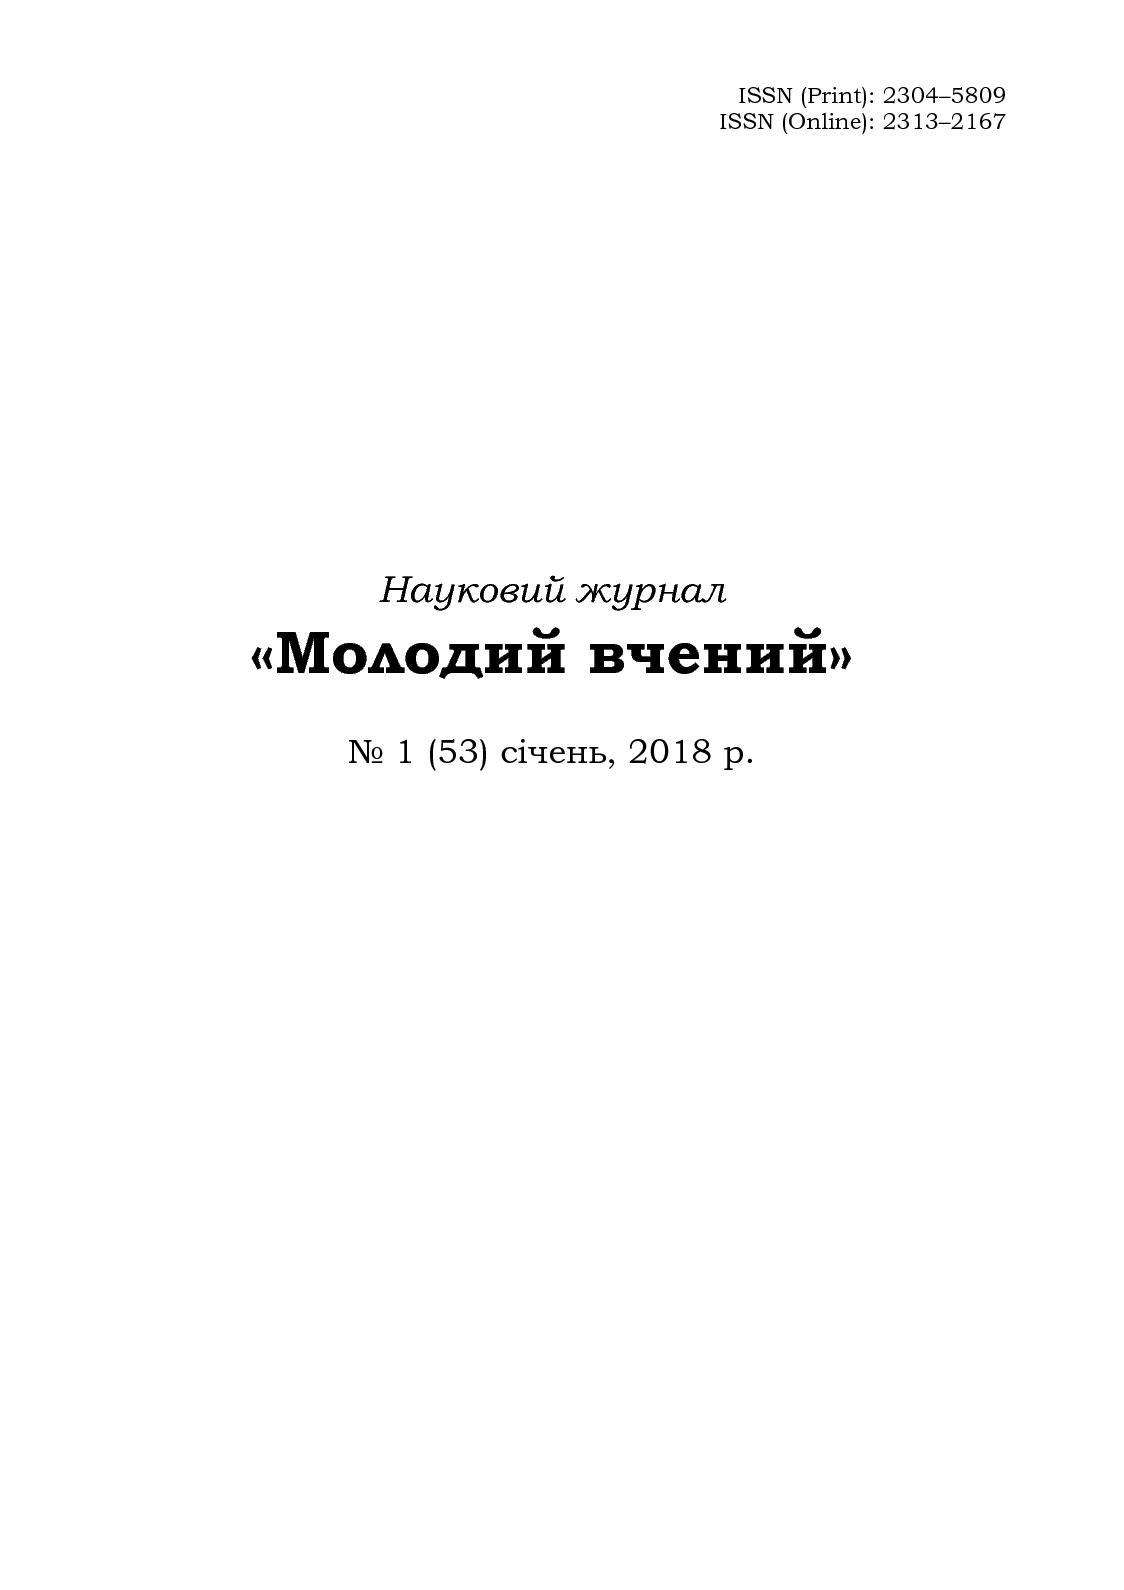 Calaméo - Бритченко И.Г. Влияние процессов электронизации на черты  современного общества  Даньшина Ю.В. 44e117c18d57d